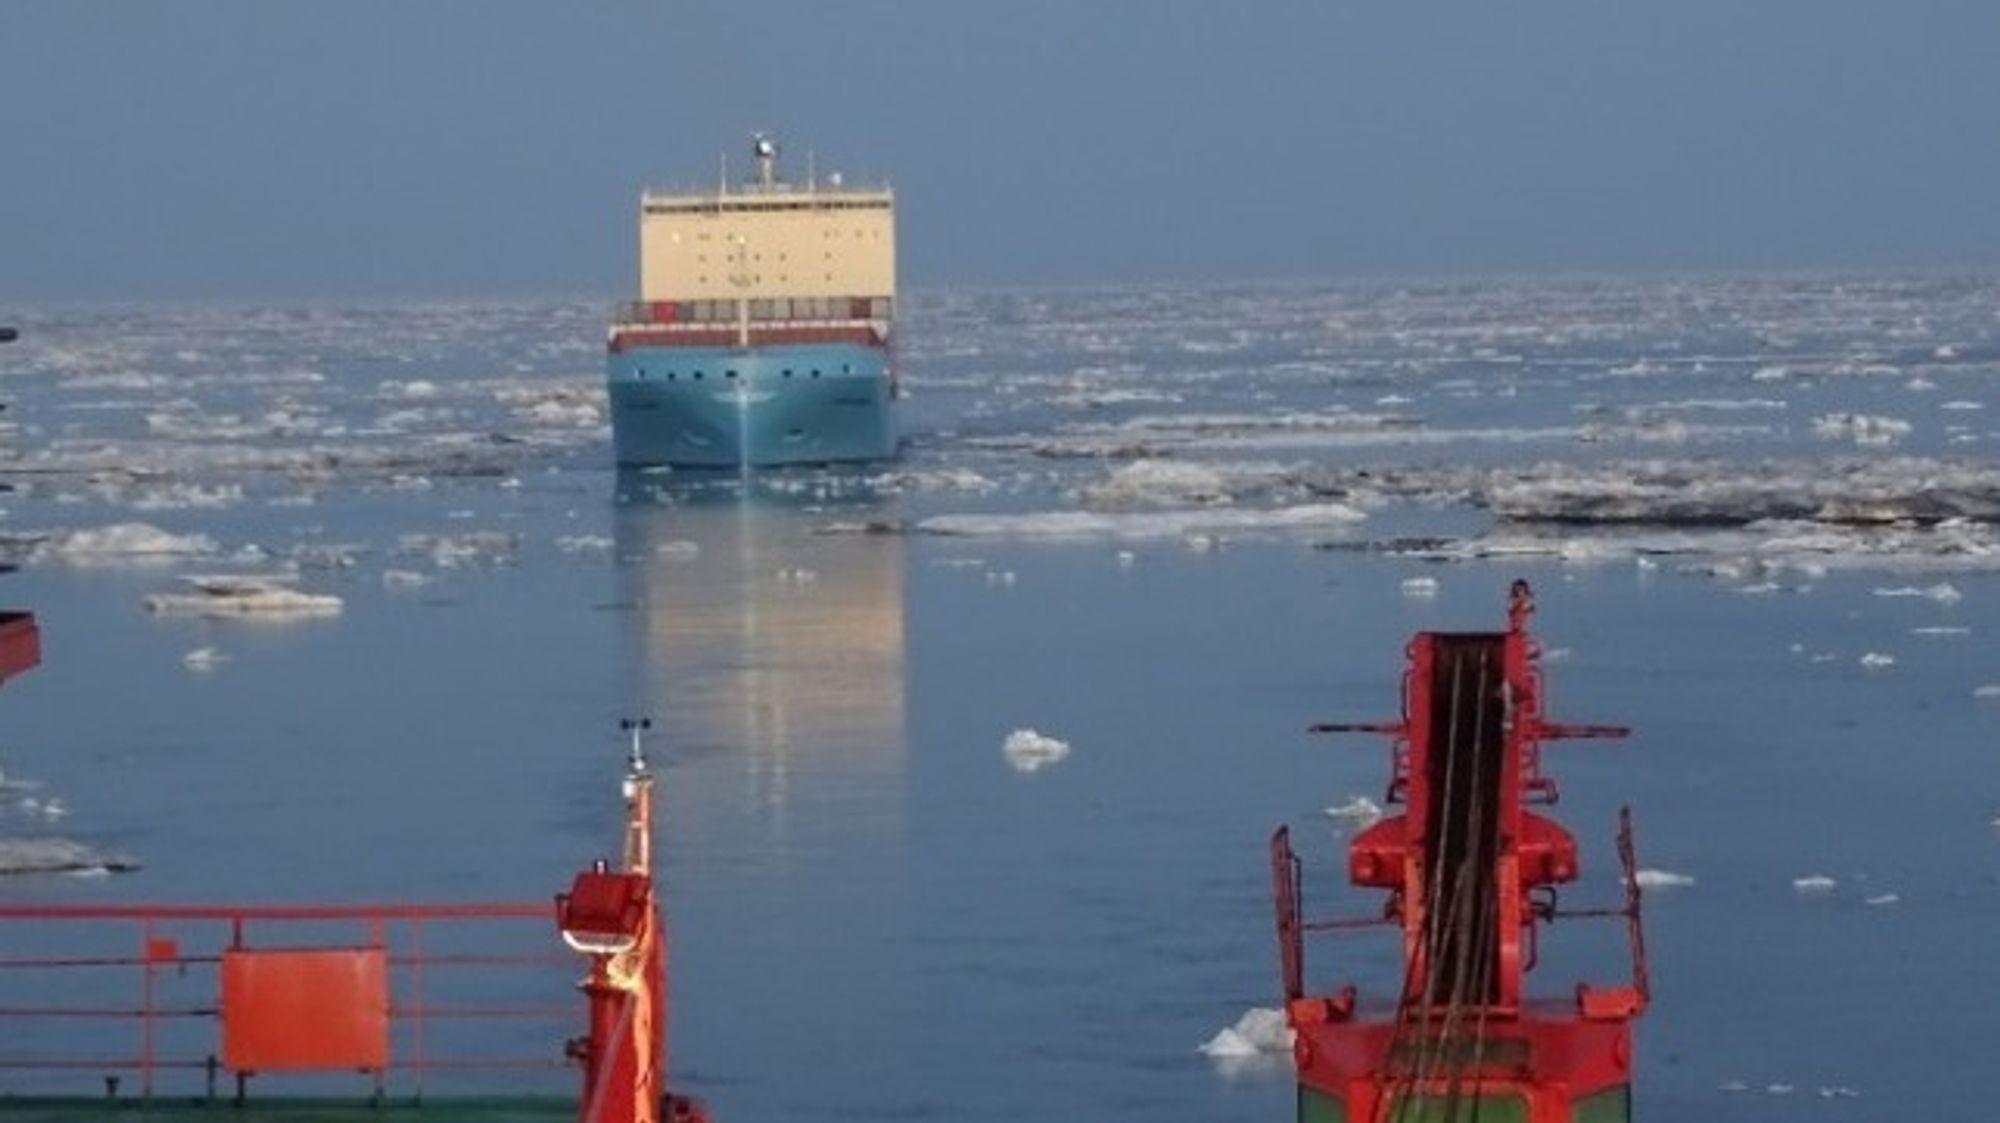 Venta Maersk gjennom Sannikov-stredet 11. september, fotografert fra Rosatom-isbryteren 50 Let Pobpedy.